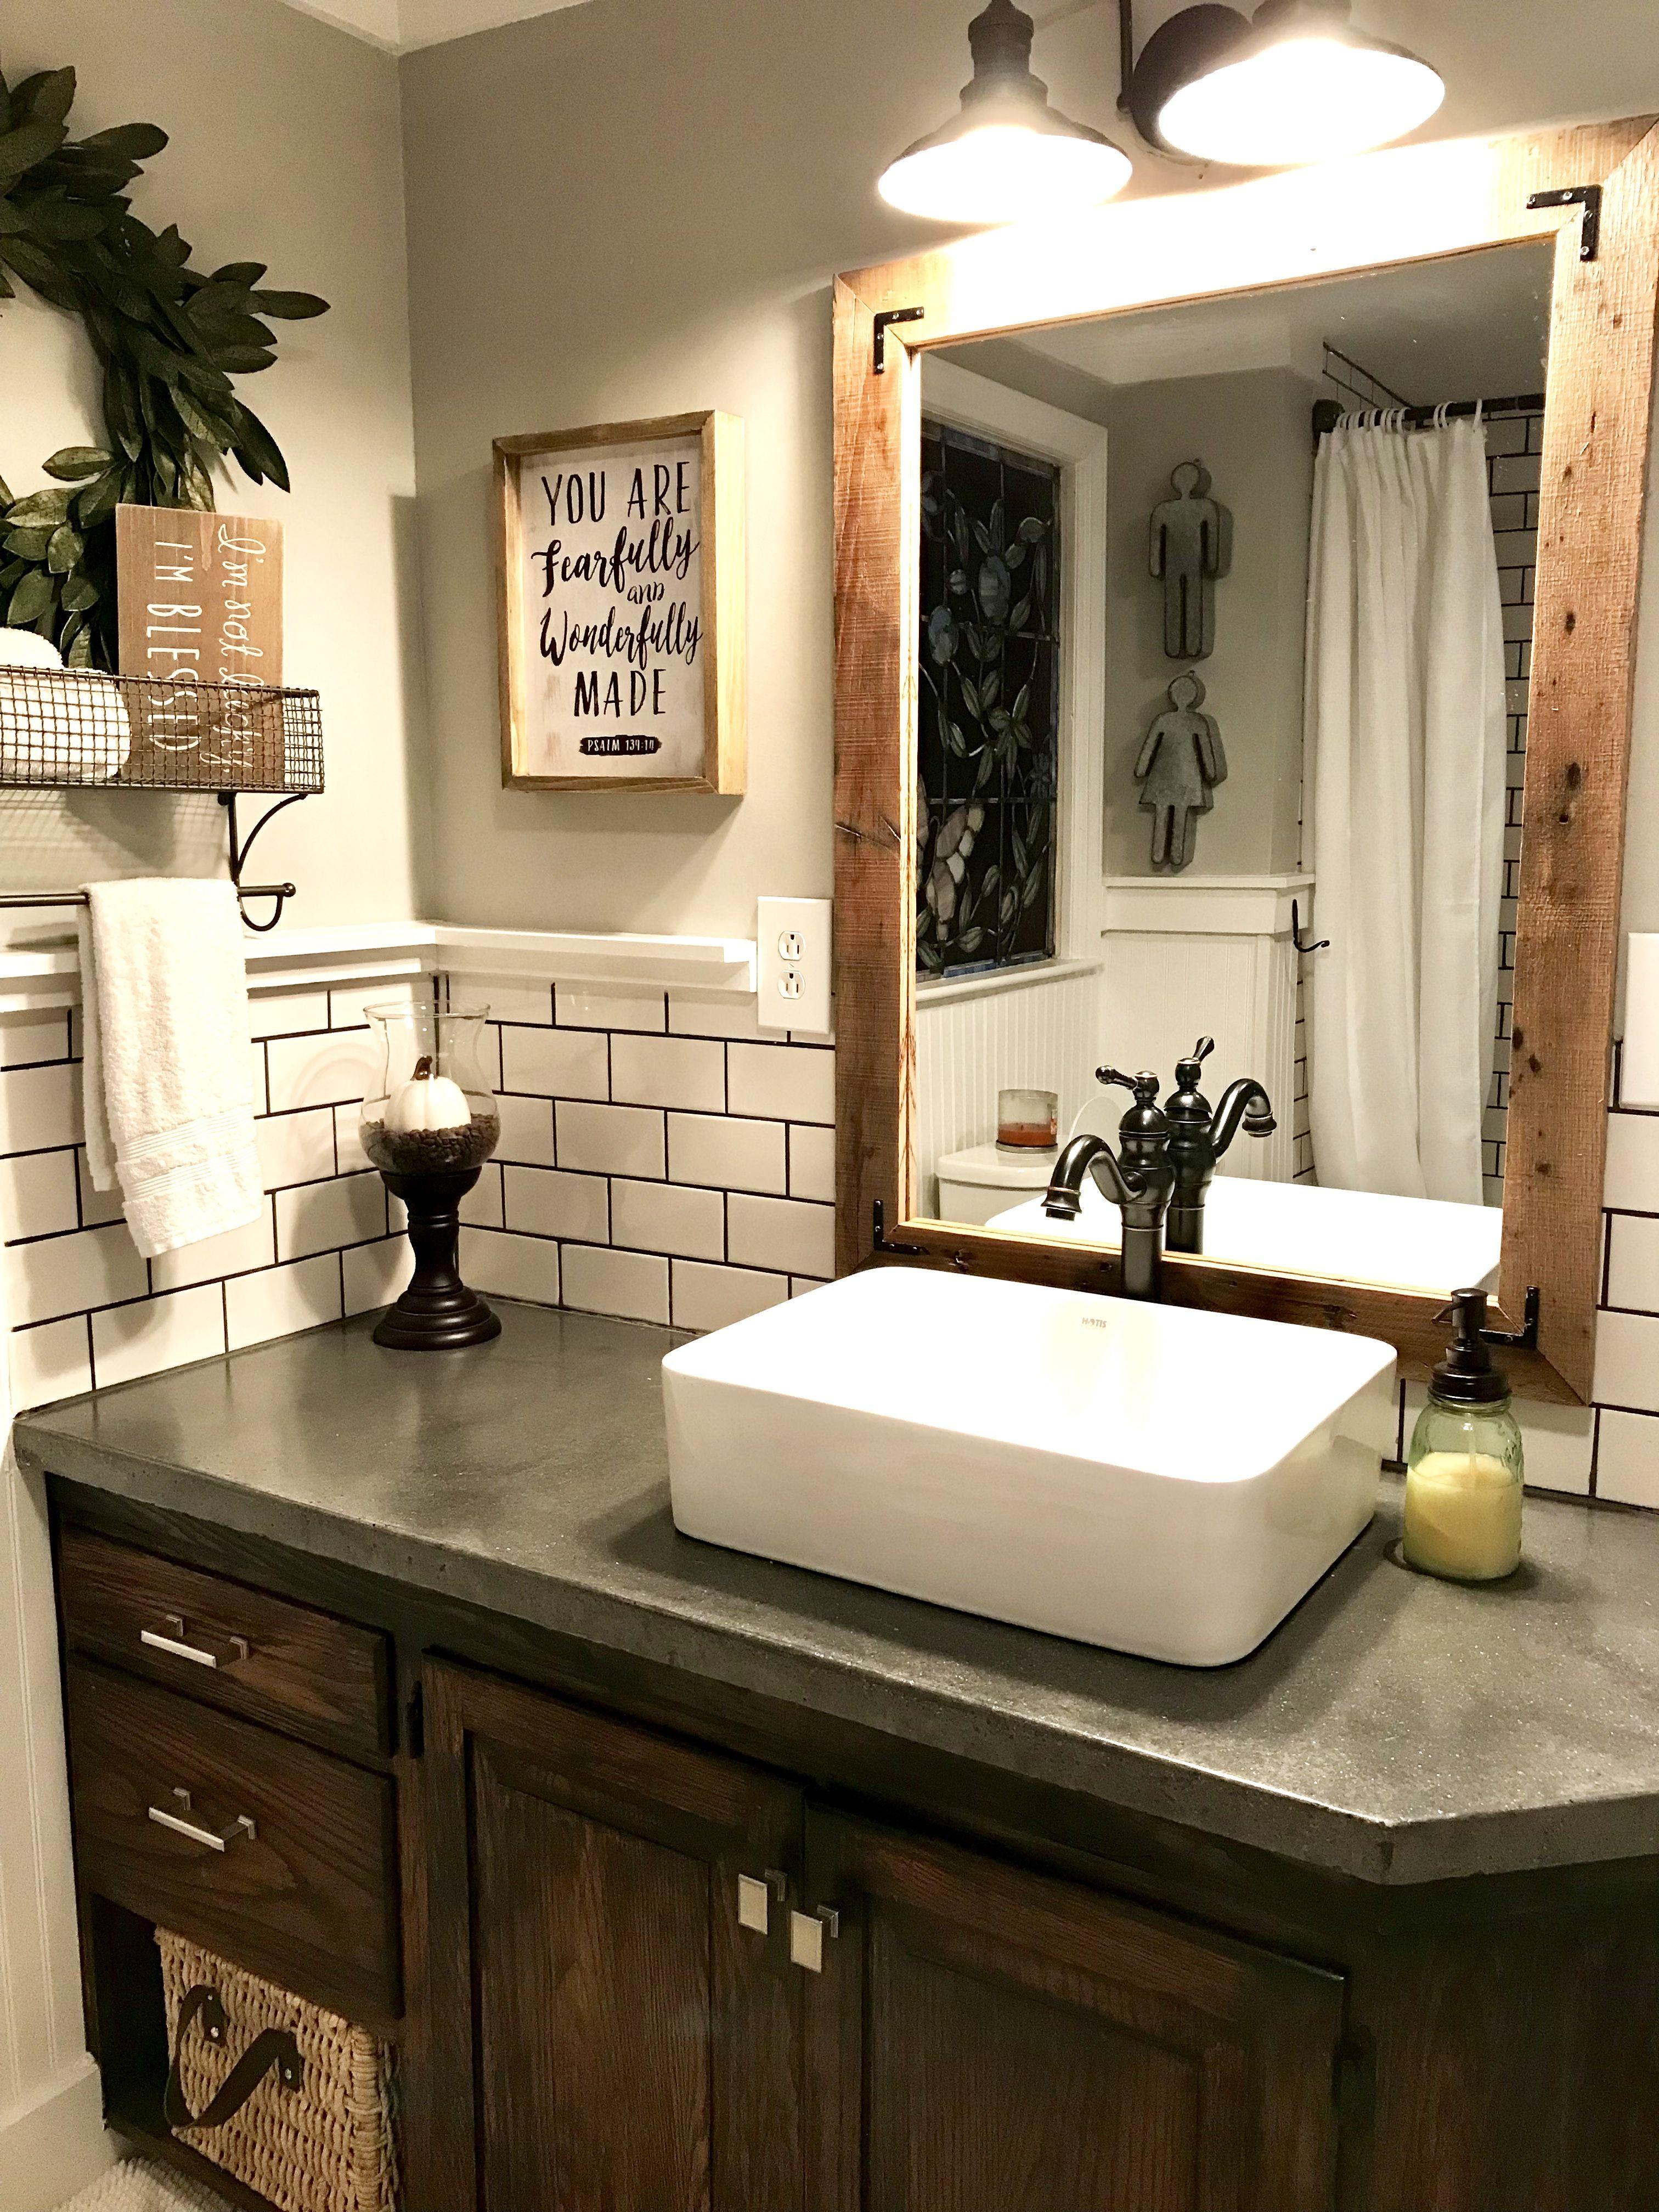 Bosconi Bathroom Vanities 48 Double Vanity Set With Square Vessel